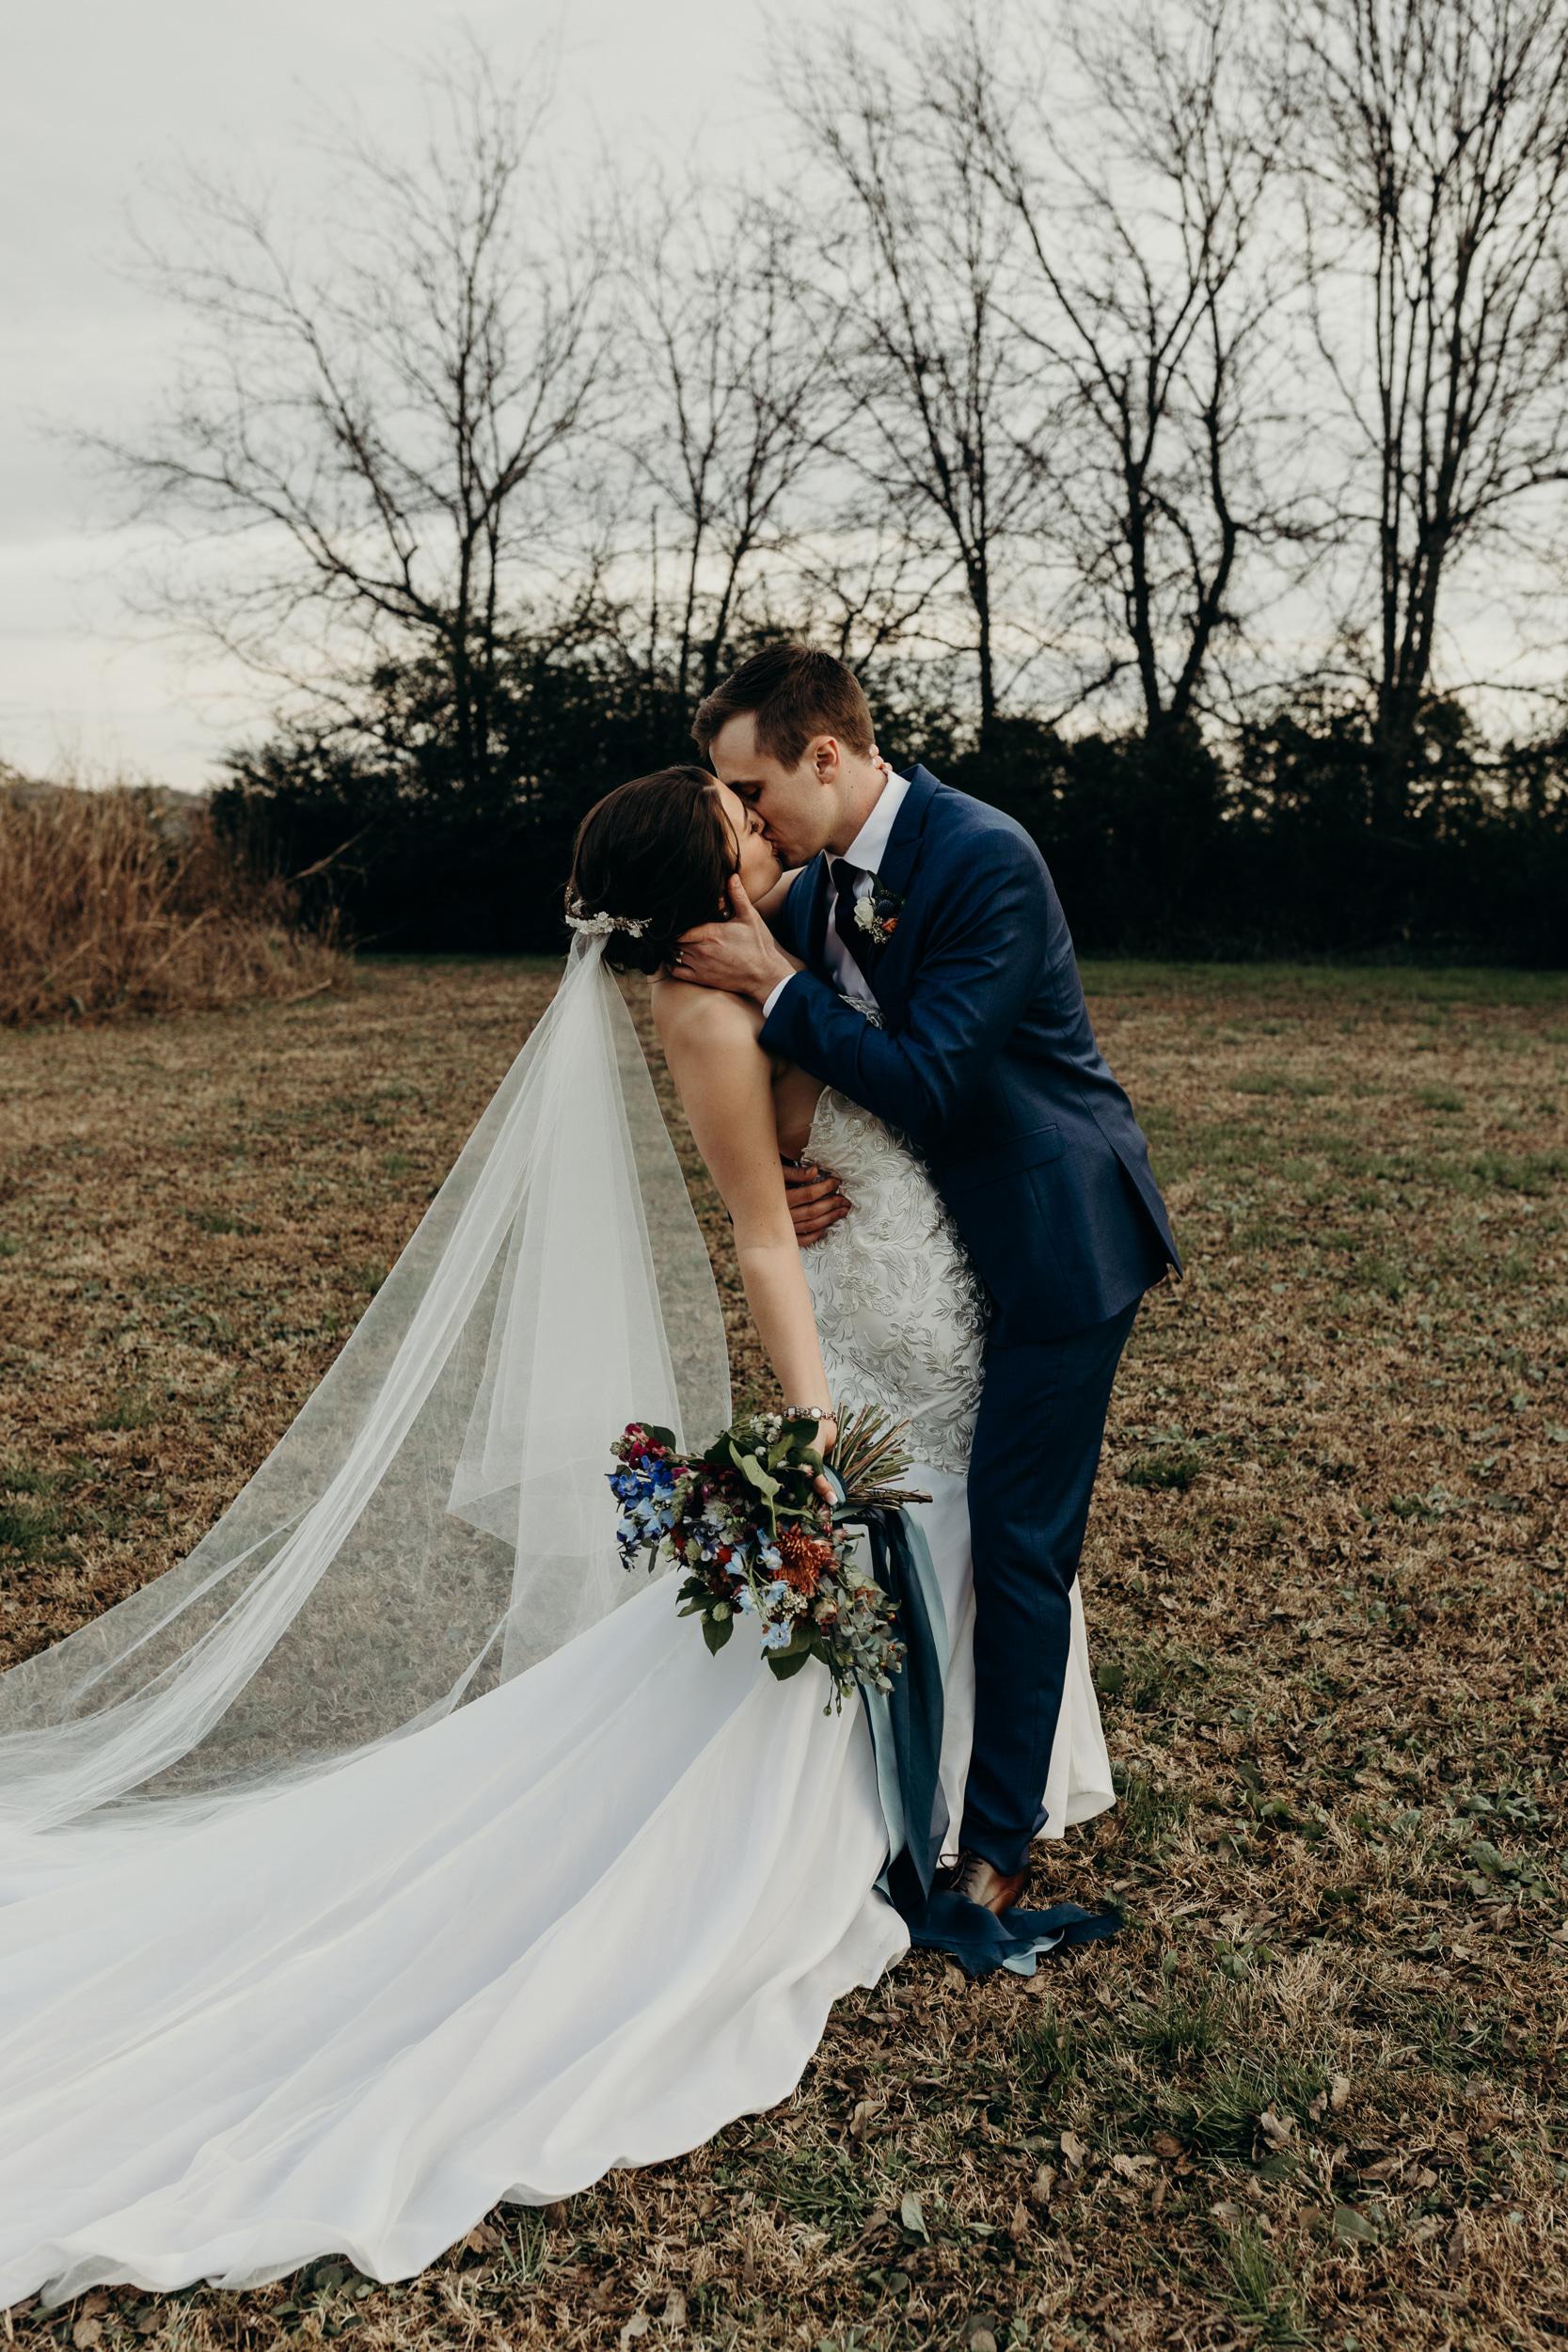 607-ltw-morgan-adam-wedding.jpg